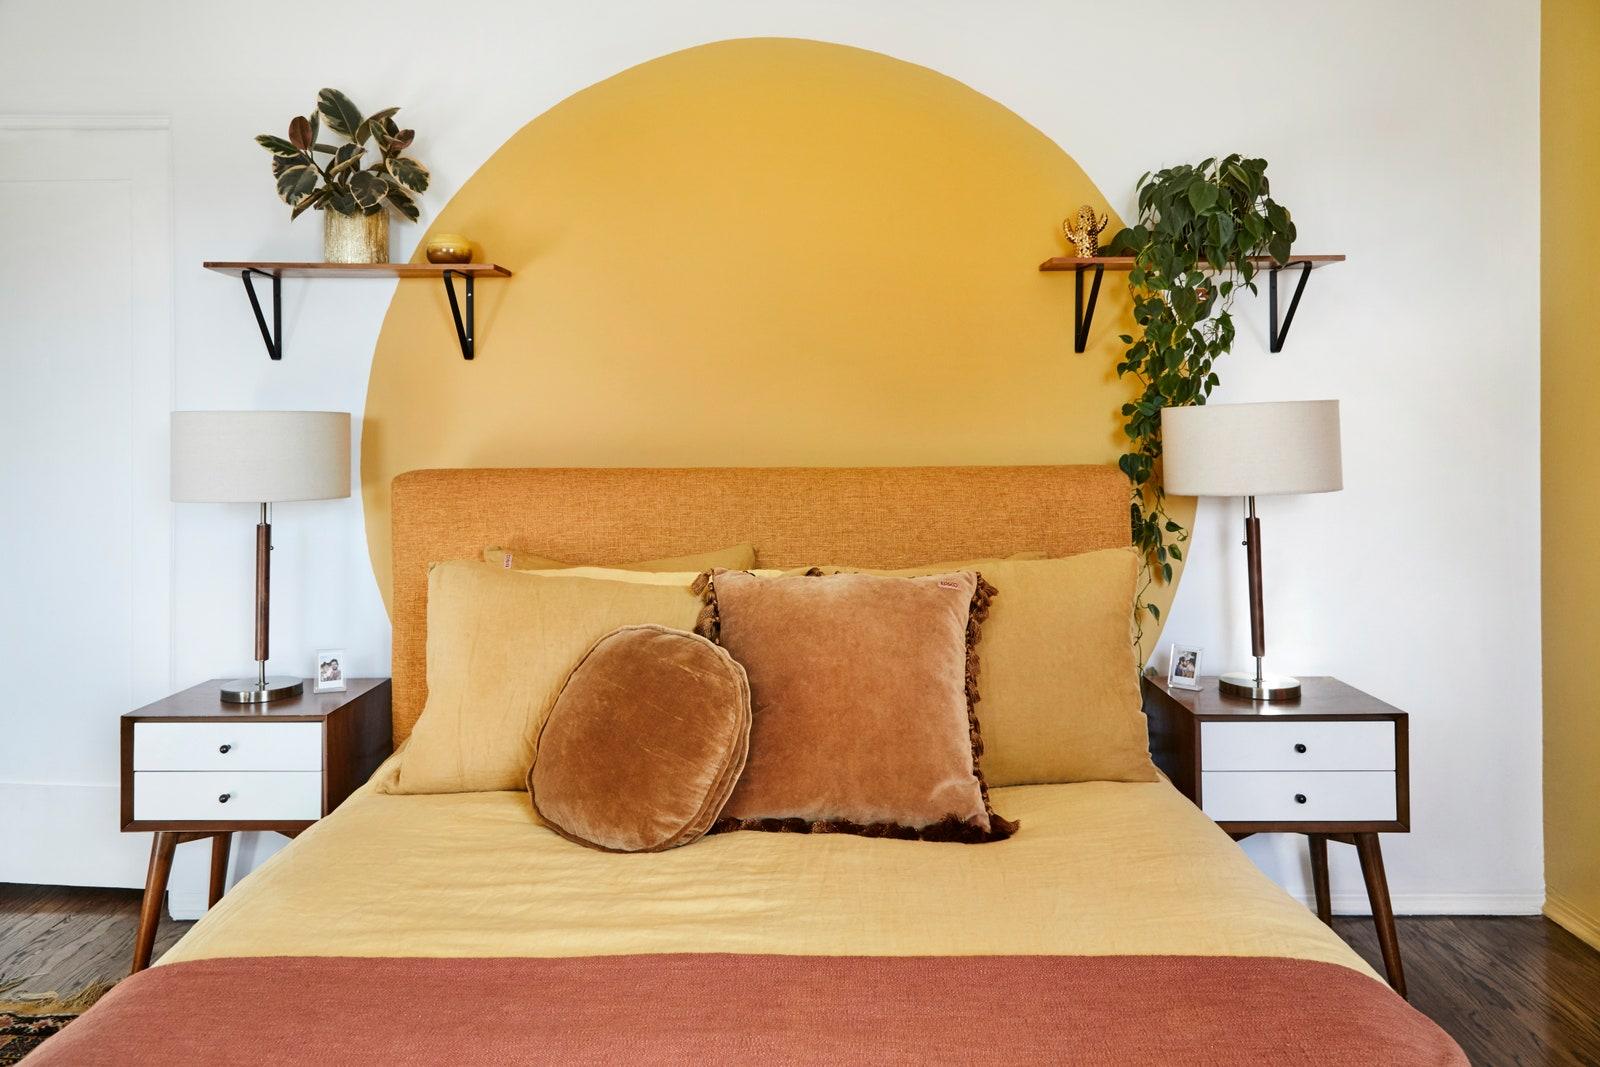 Círculo amarelo pintado na cabeceira da cama